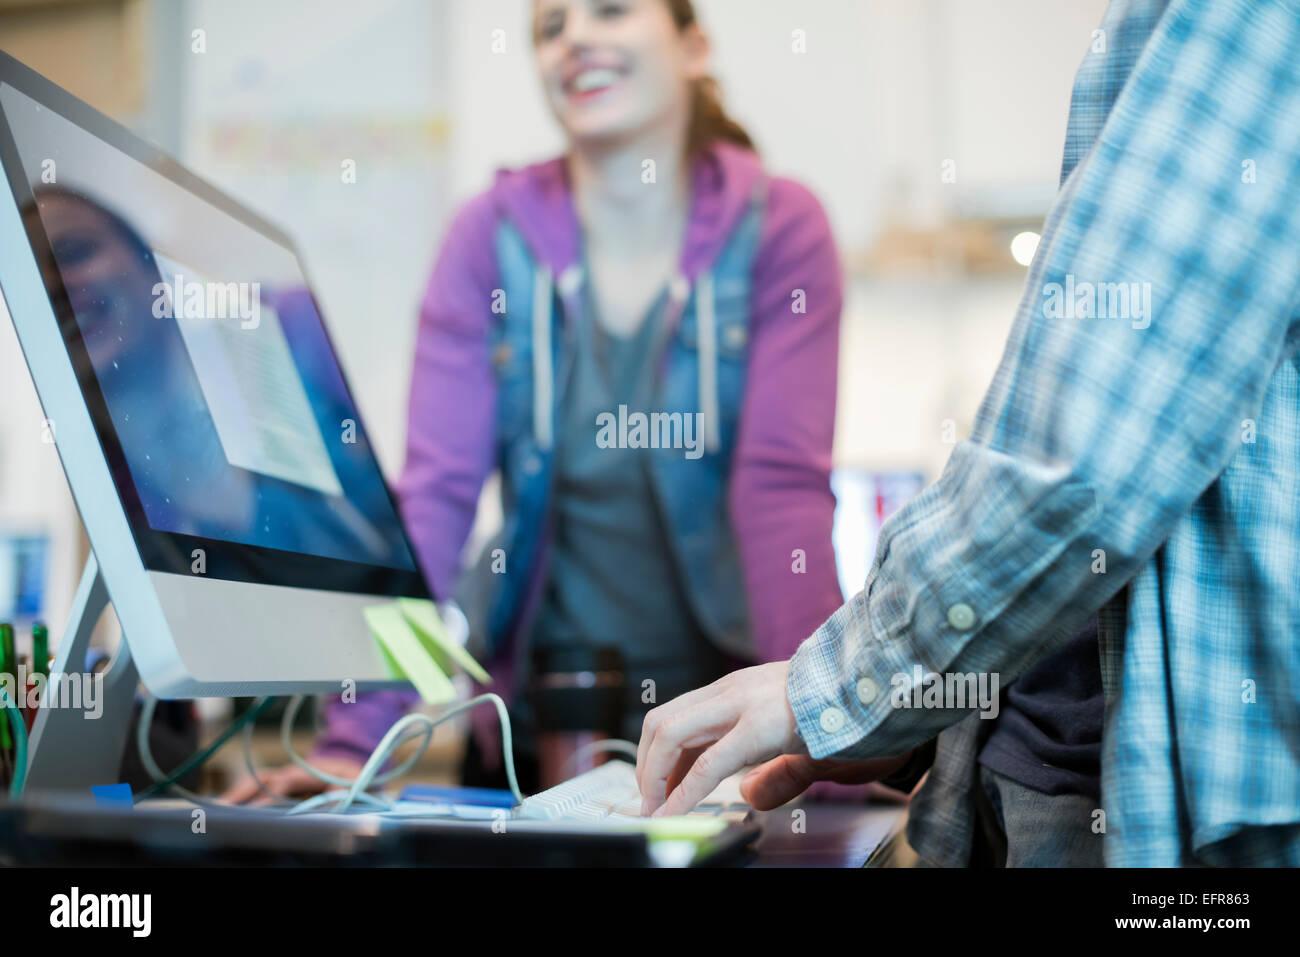 Deux personnes à un atelier de réparation d'ordinateur, une saisie et une vérification de l'affichage Photo Stock